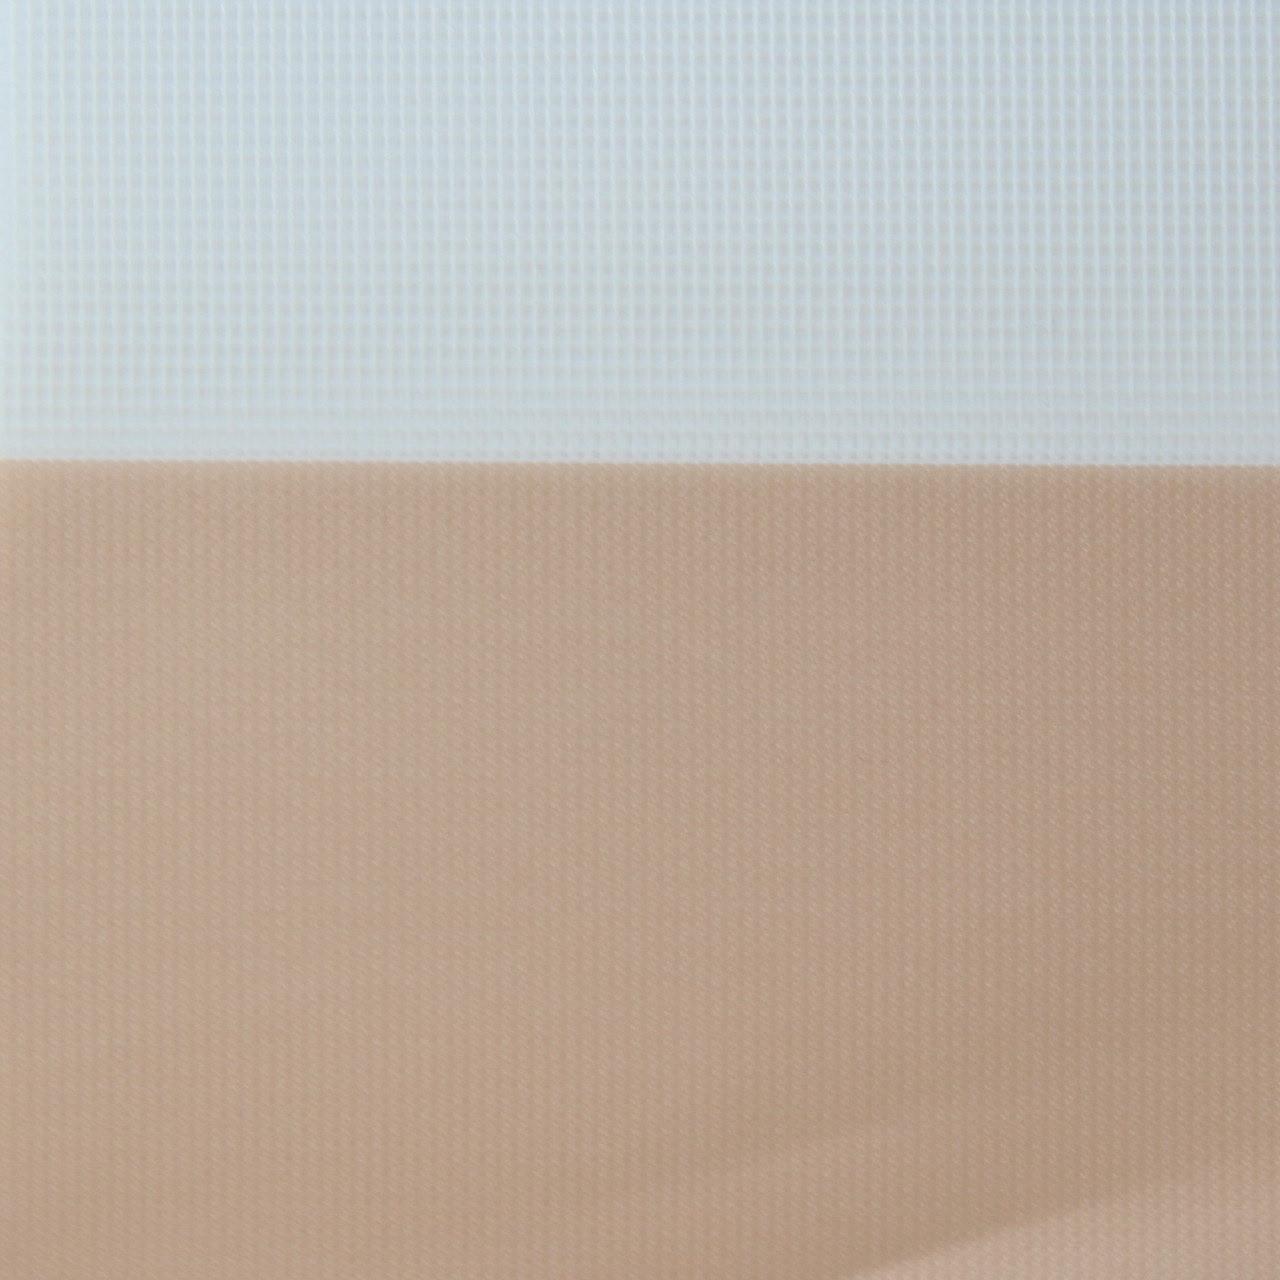 Готові рулонні штори Тканина Z-064 Персик